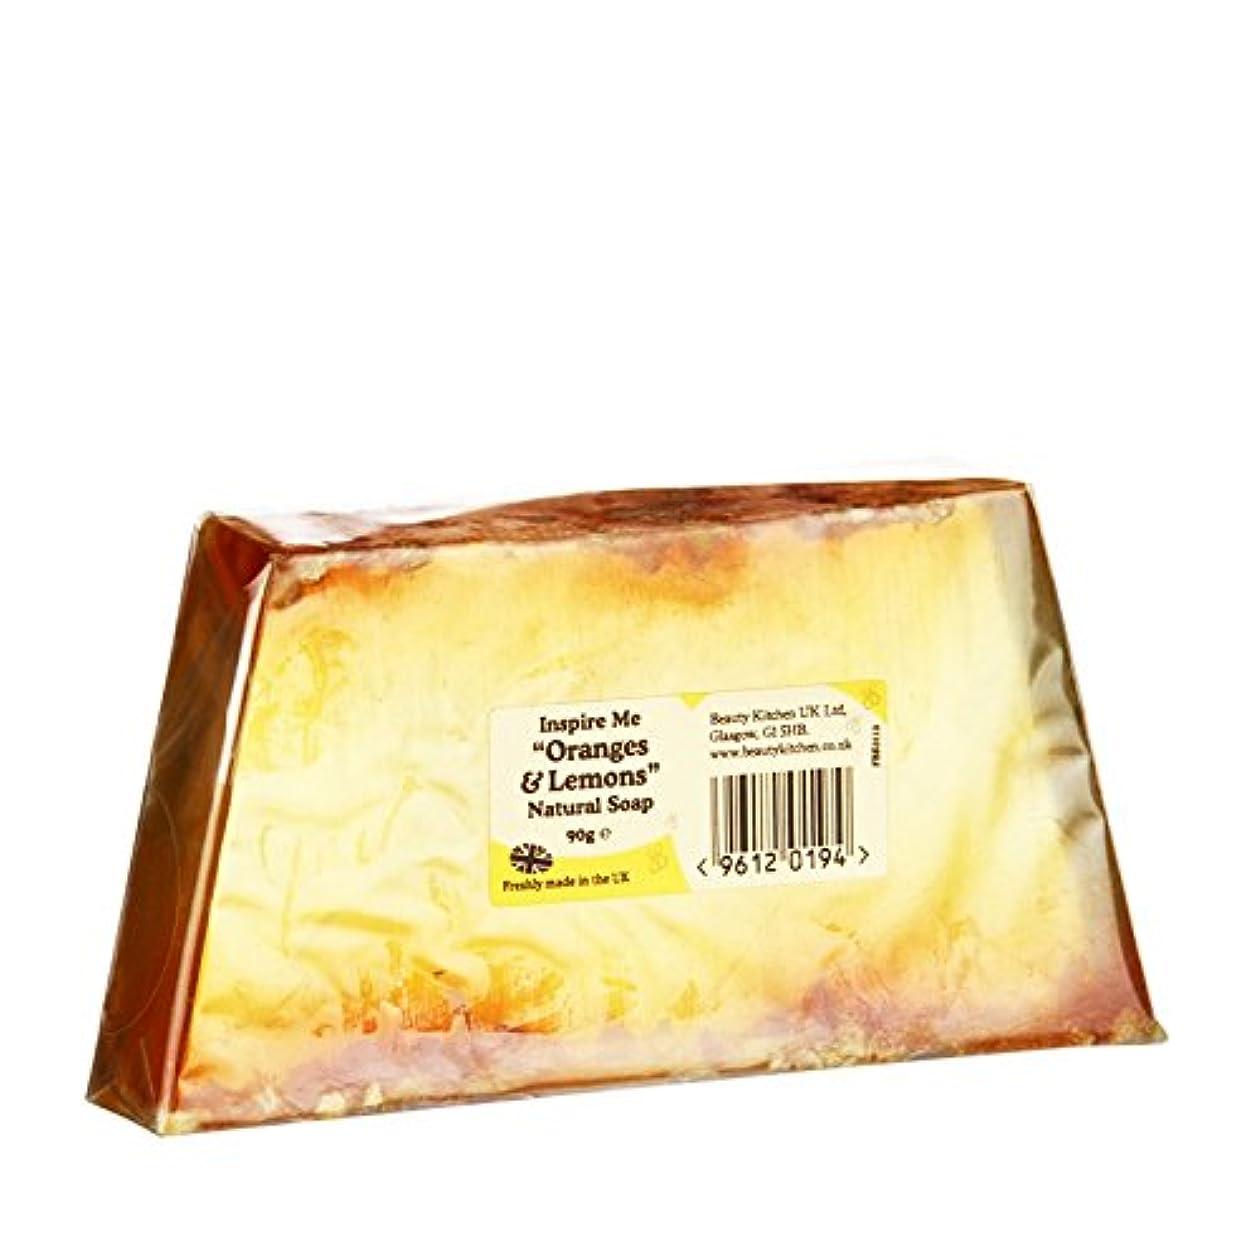 鉱石普通になんとなくBeauty Kitchen Inspire Me Orange & Lemon Natural Soap 90g (Pack of 2) - 美しさのキッチンは私がオレンジ&レモンの天然石鹸90グラム鼓舞します (x2) [並行輸入品]